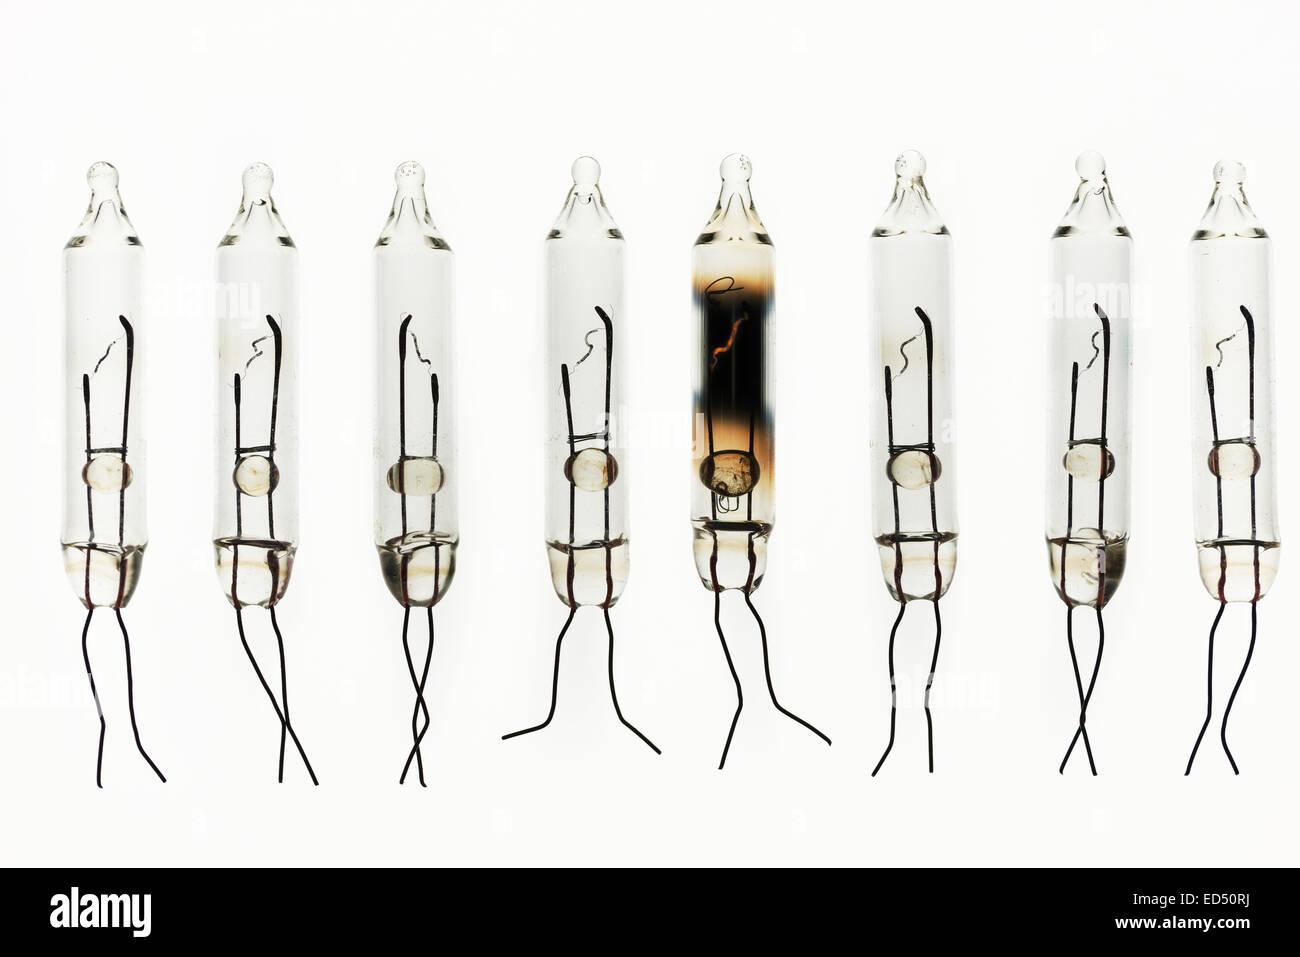 Righe del filamento di tungsteno lampadine che mostra segni di ionizzazione di metallo si deposita sulla parte interna Immagini Stock